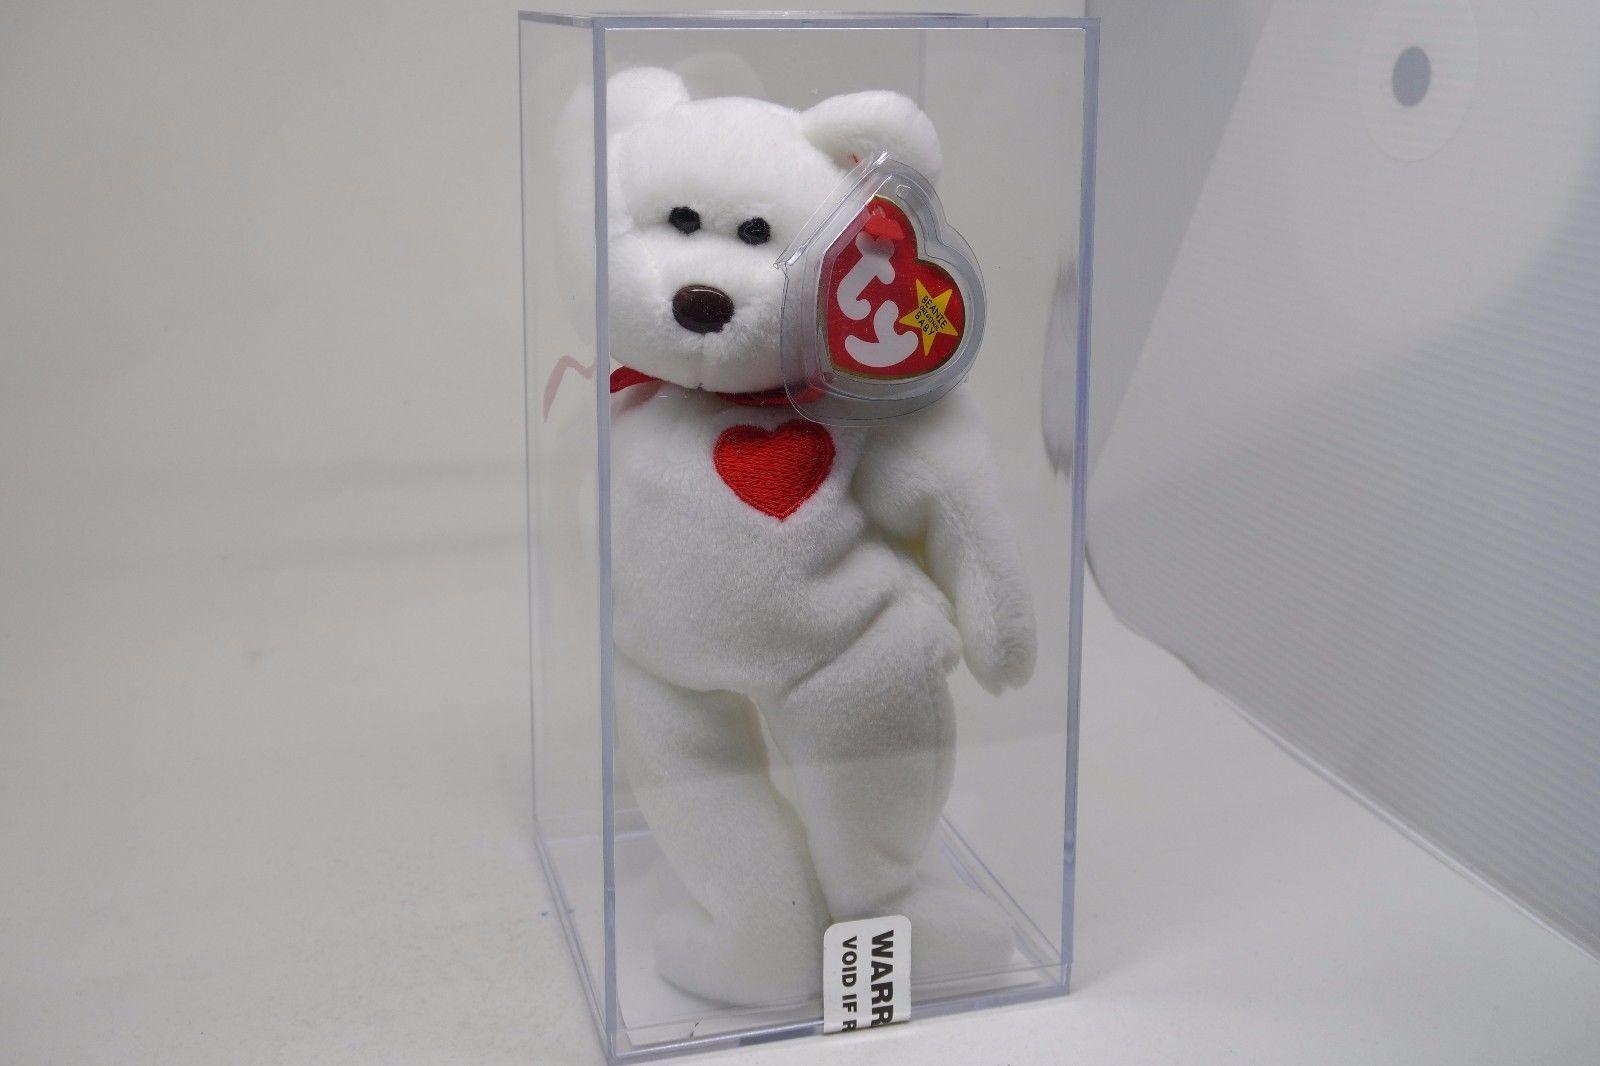 Ty beanie baby valentino 1996 pvc - minze selten fehler im ruhestand mwmt mq Besteätigt